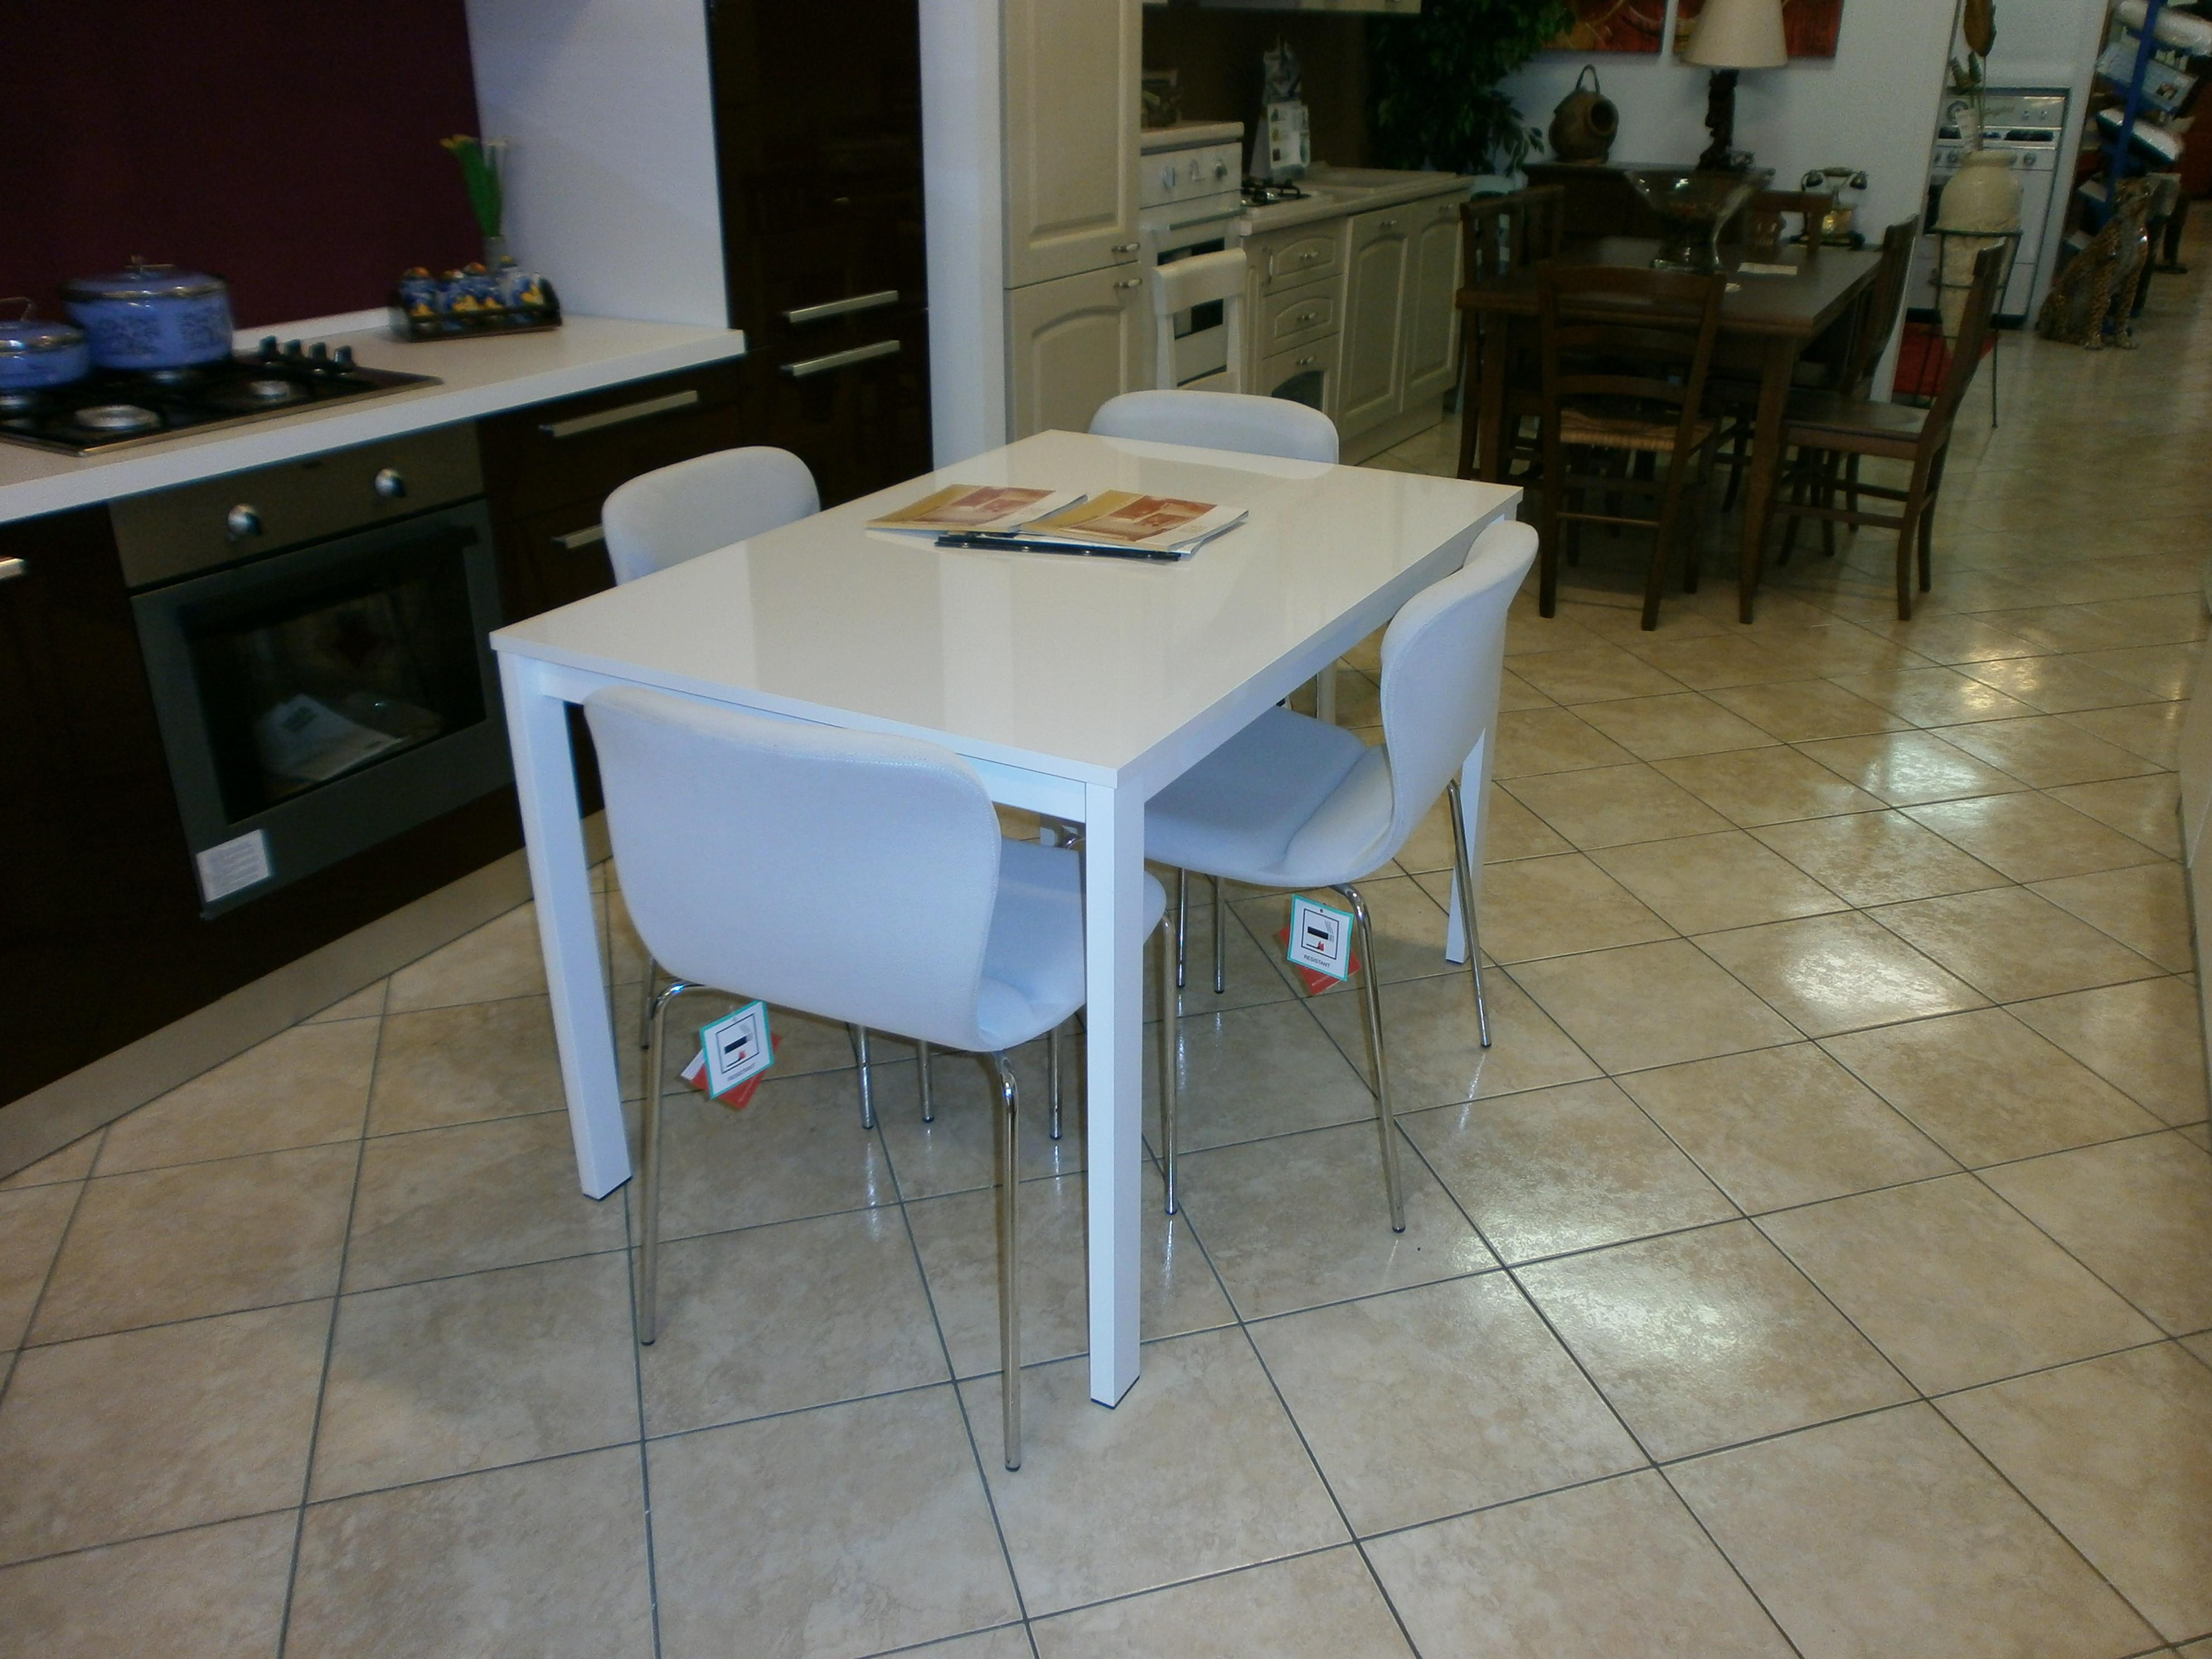 Mercatino arredamenti nuovi arredamenti nuovi tavolo for Tavolo bianco lucido